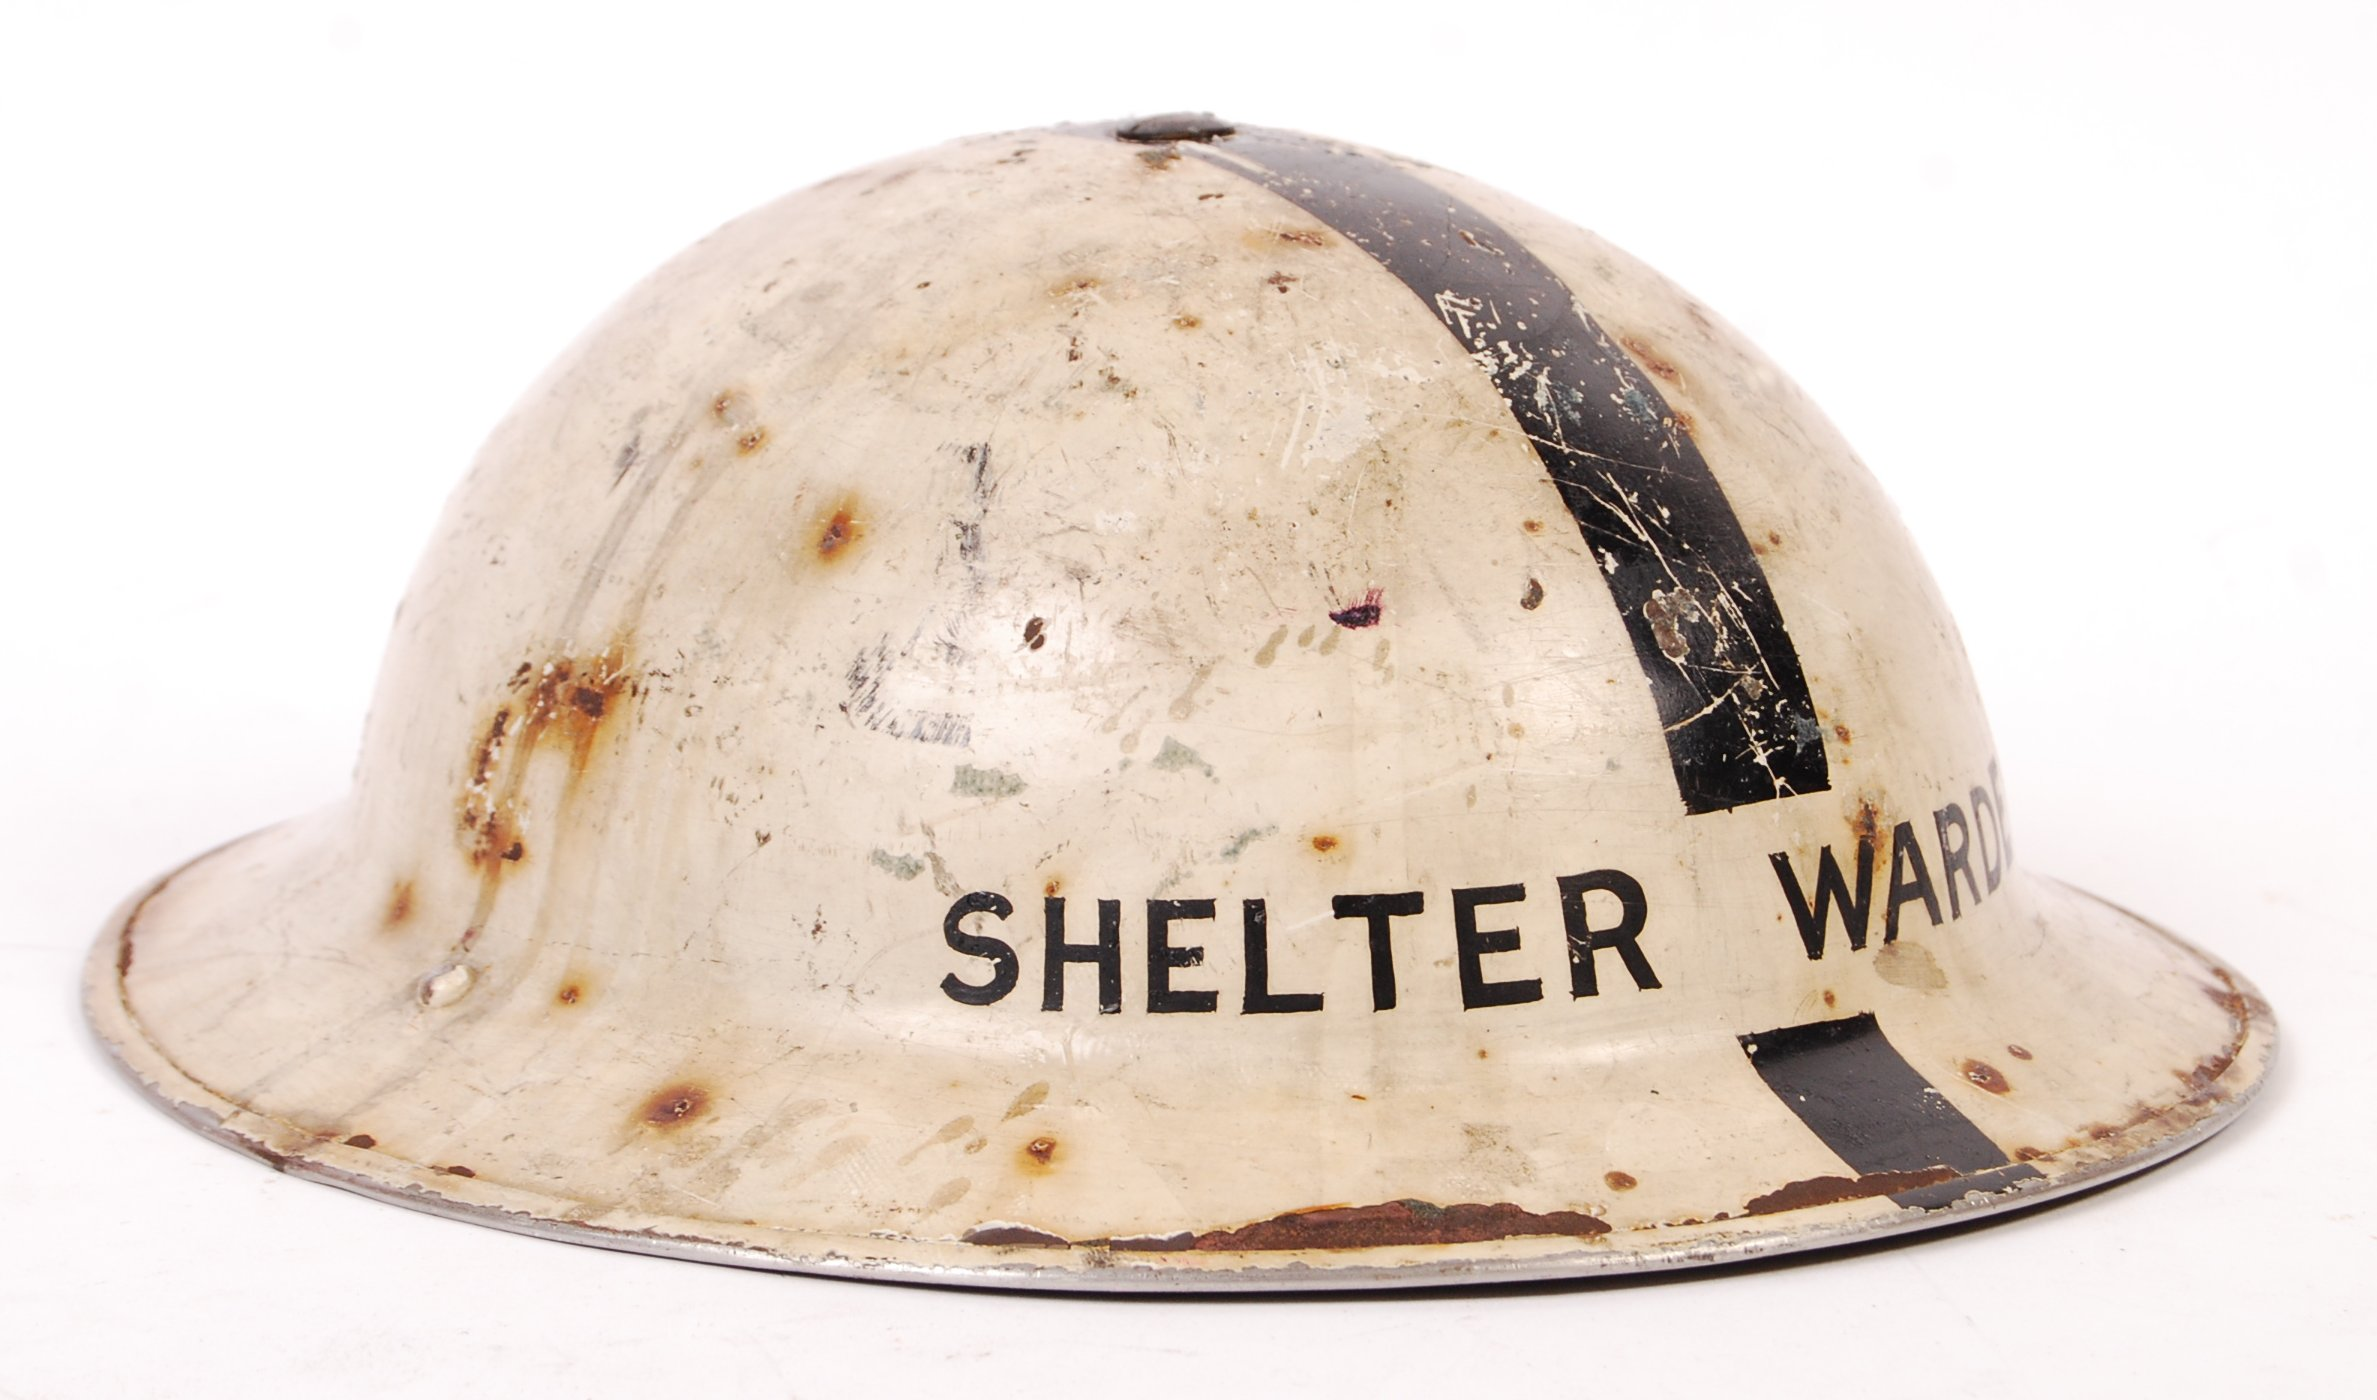 Lot 8 - RARE WWII ARP SHELTER WARDEN BRODIE UNIFORM HELMET